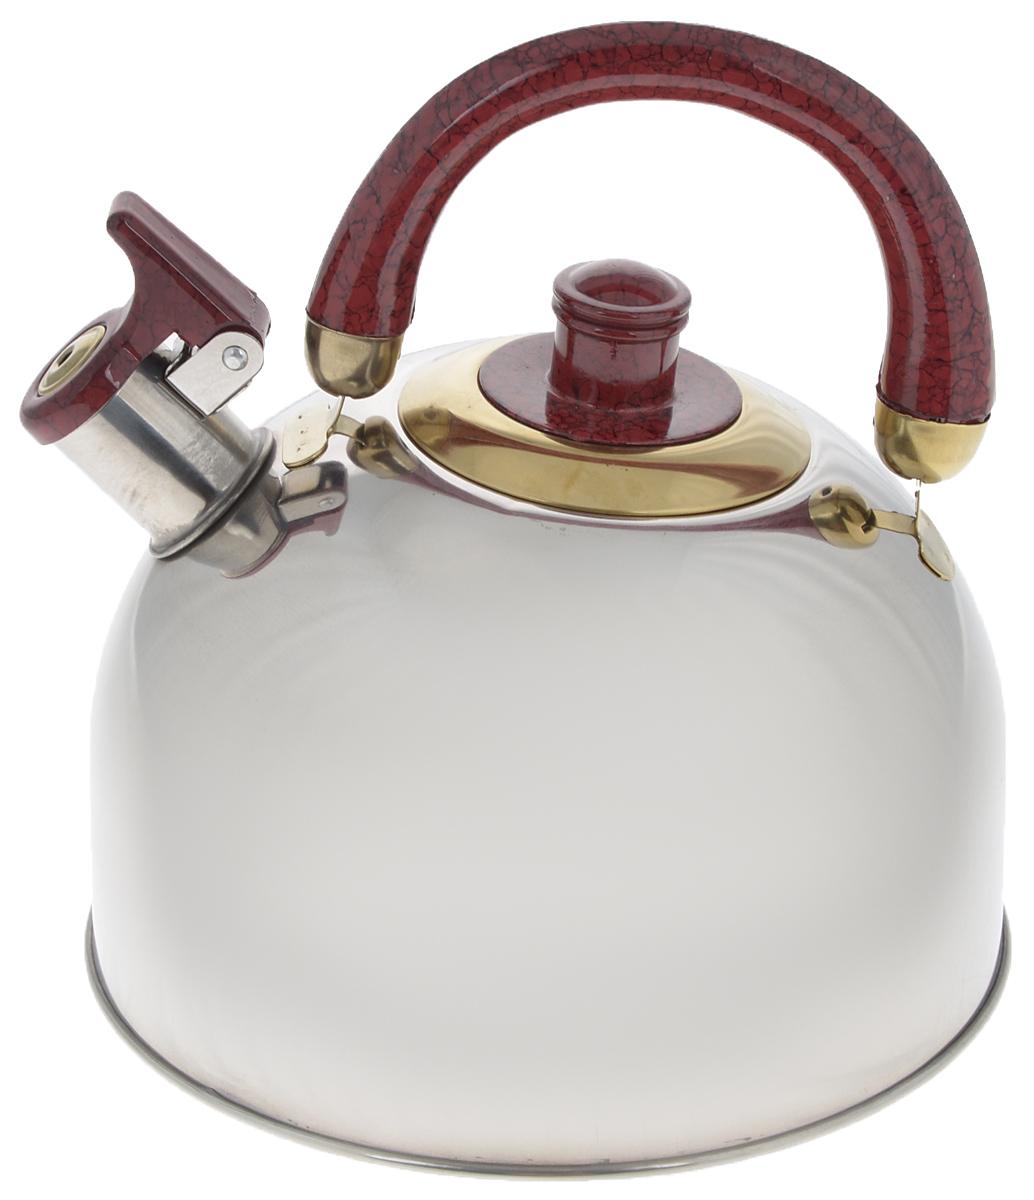 Чайник Mayer & Boch, со свистком, цвет: стальной, бордовый, золотистый, 3,5 л. 10691069А_стальной, бордовый, золотойЧайник Mayer & Boch изготовлен из высококачественной нержавеющей стали, что делает его весьма гигиеничным и устойчивым к износу при длительном использовании. Утолщенное дно обеспечивает равномерный и быстрый нагрев, поэтому вода закипает гораздо быстрее, чем в обычных чайниках. Чайник оснащен откидным свистком, звуковой сигнал которого подскажет, когда закипит вода. Подвижная ручка из бакелита дает дополнительное удобство при разлитии напитка.Чайник Mayer & Boch идеально впишется в интерьер любой кухни и станет замечательным подарком к любому случаю.Подходит для газовых, стеклокерамических, галогеновых и электрических плит. Не подходит для индукционных. Можно мыть в посудомоечной машине.Высота чайника (без учета ручки и крышки): 13 см. Высота чайника (с учетом ручки и крышки): 21,5 см. Диаметр чайника (по верхнему краю): 8,5 см.